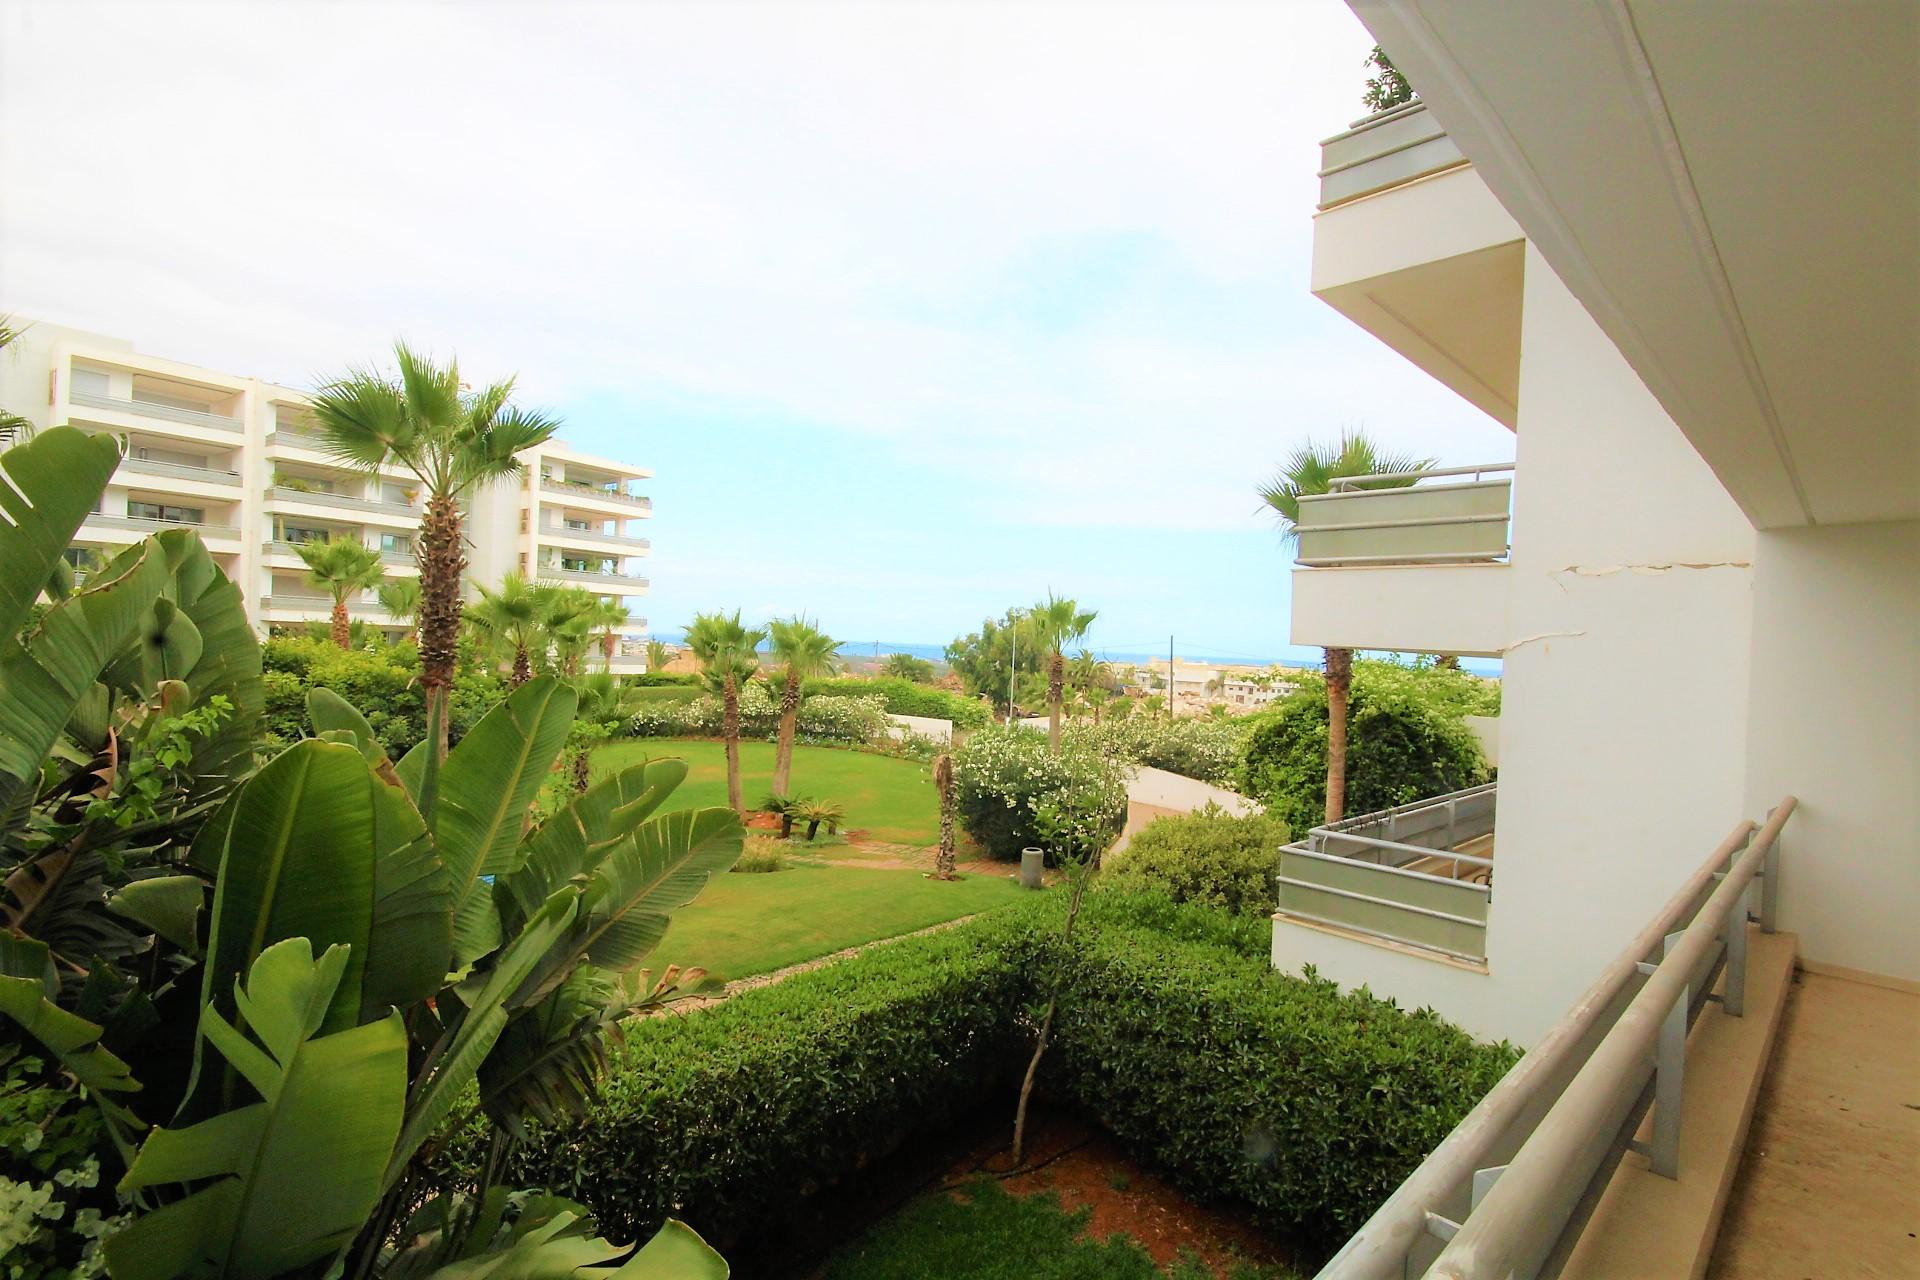 Maroc, Casablanca, Ain Diab, à louer appartement familial très haut standing de 205 m² avec terrasse